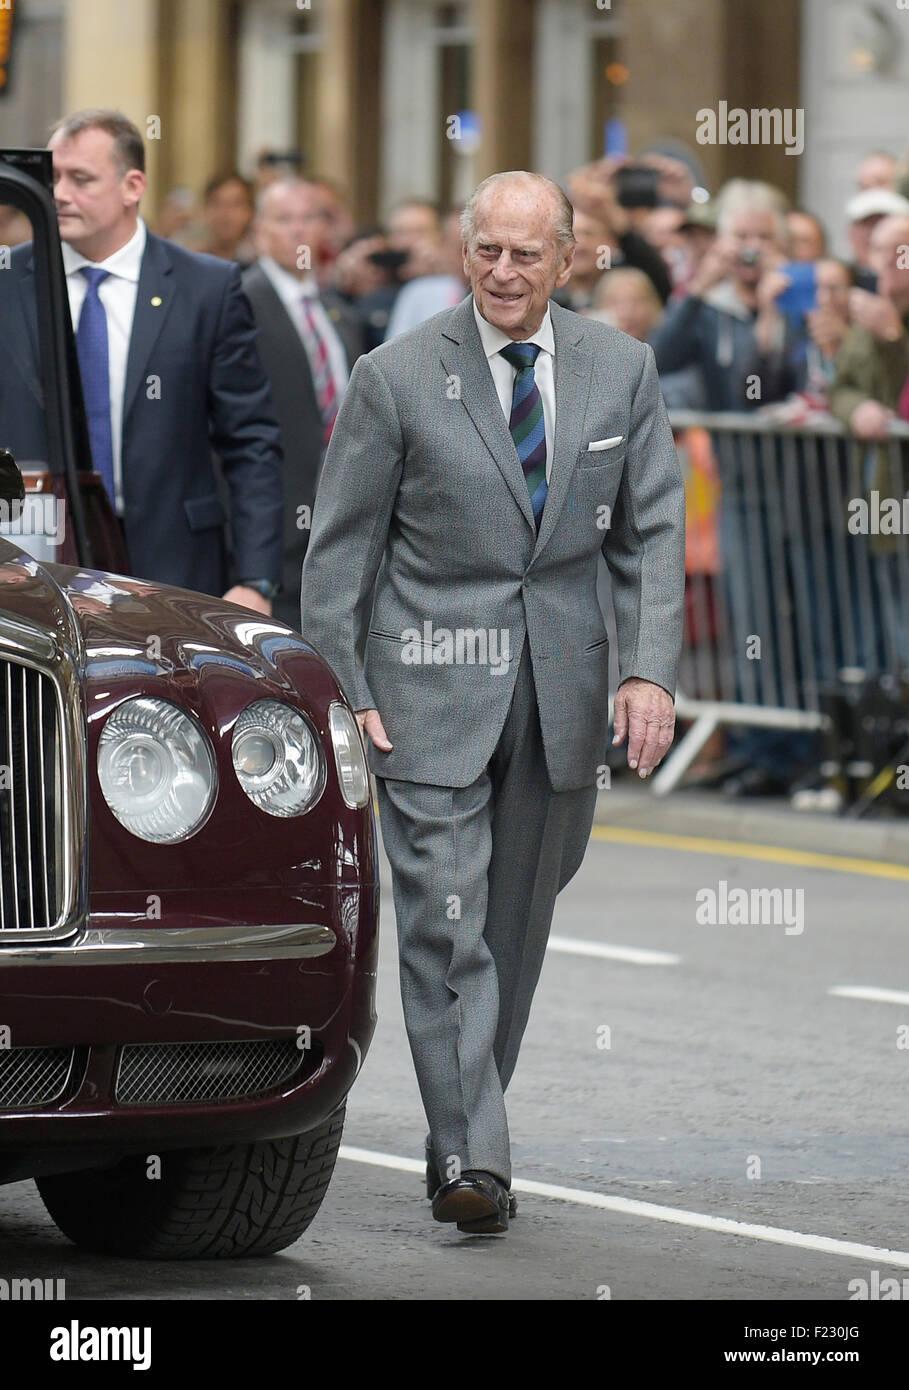 El príncipe Felipe, Duque de Edimburgo, Conde de Merioneth y Barón de Greenwich Imagen De Stock